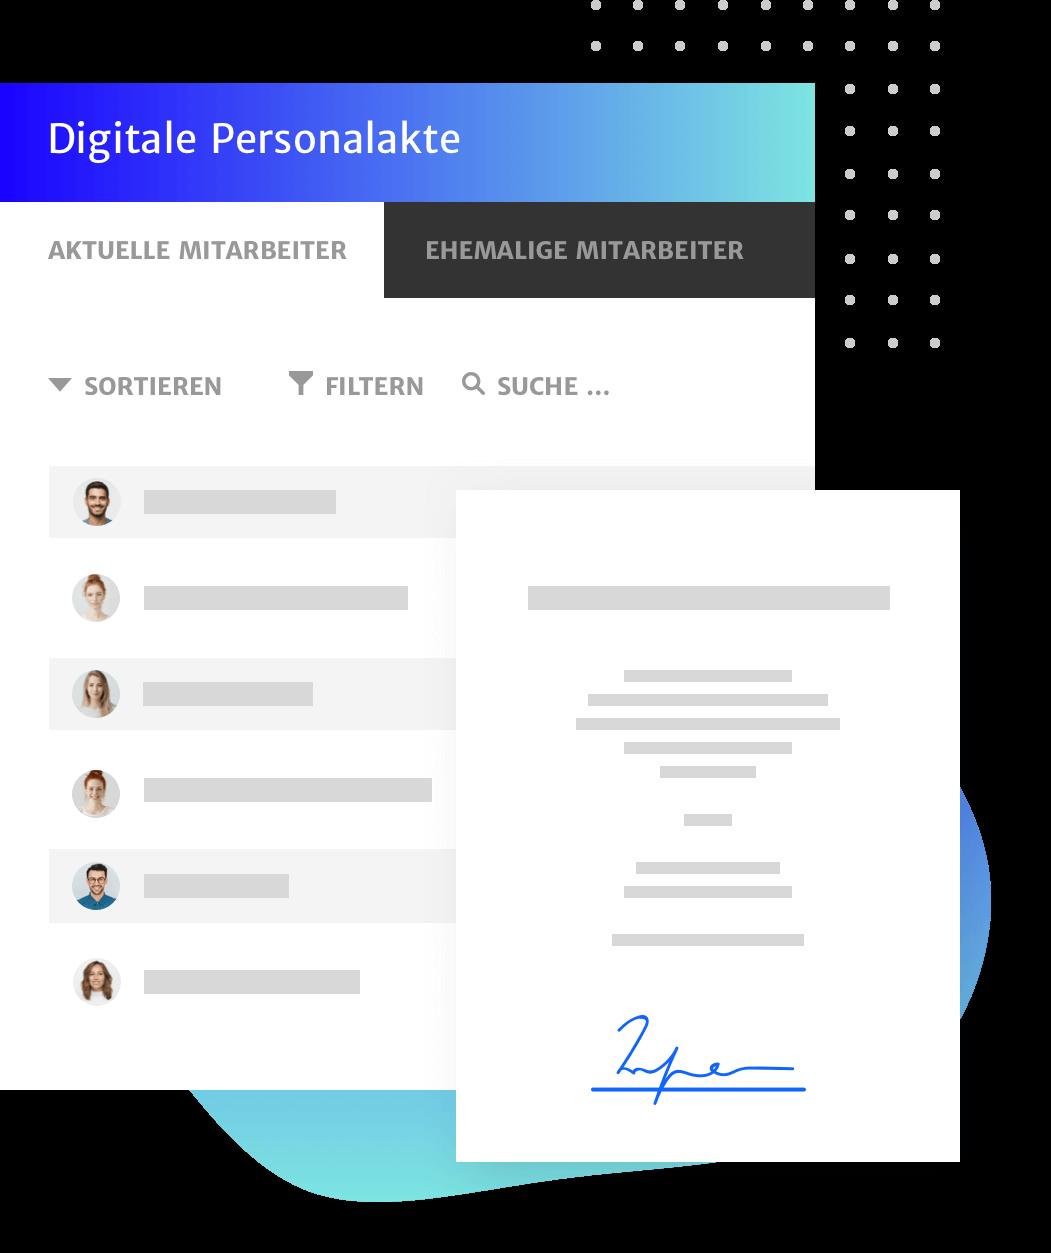 Digitalen Personalakte innerhalb der DMS Lösung von Haufe